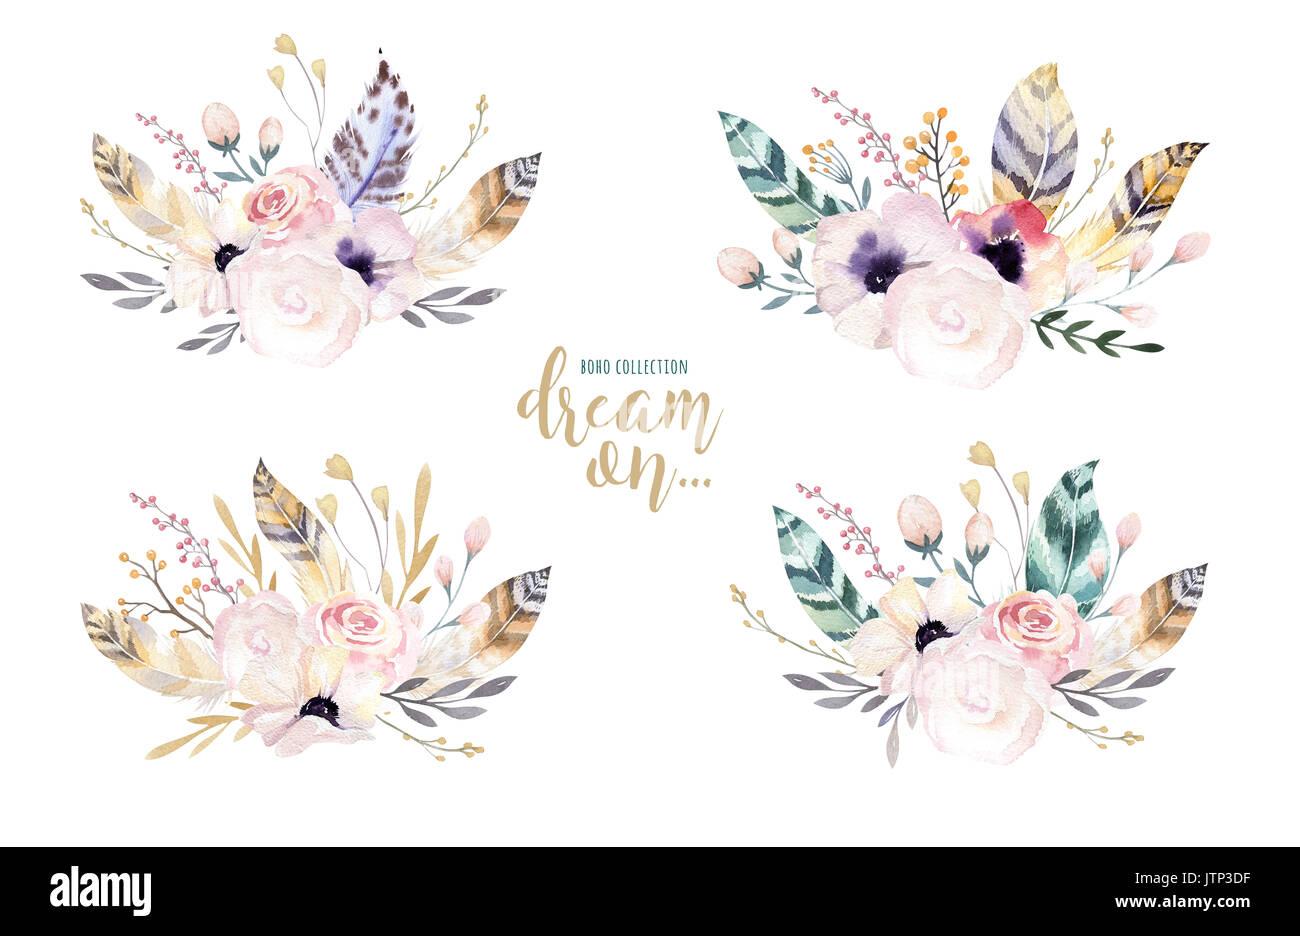 Dibujo A Mano Alzada Acuarela Aislados Ilustración Floral